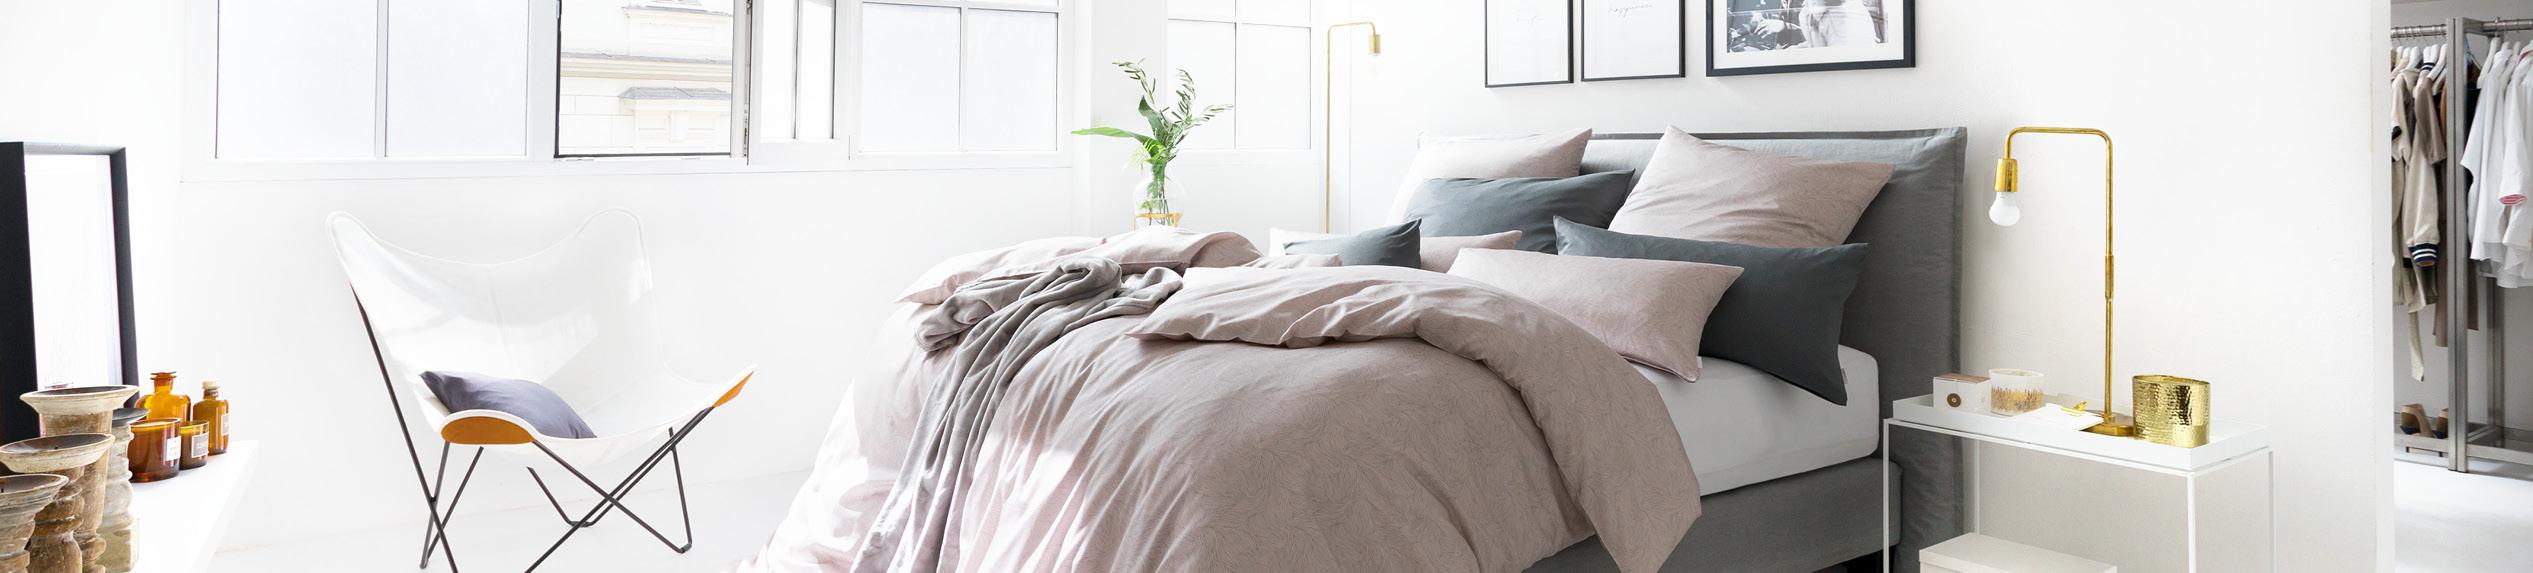 Estella Ateliers GmbH - Bettwäsche zum Wohlfühlen | Online-Shop